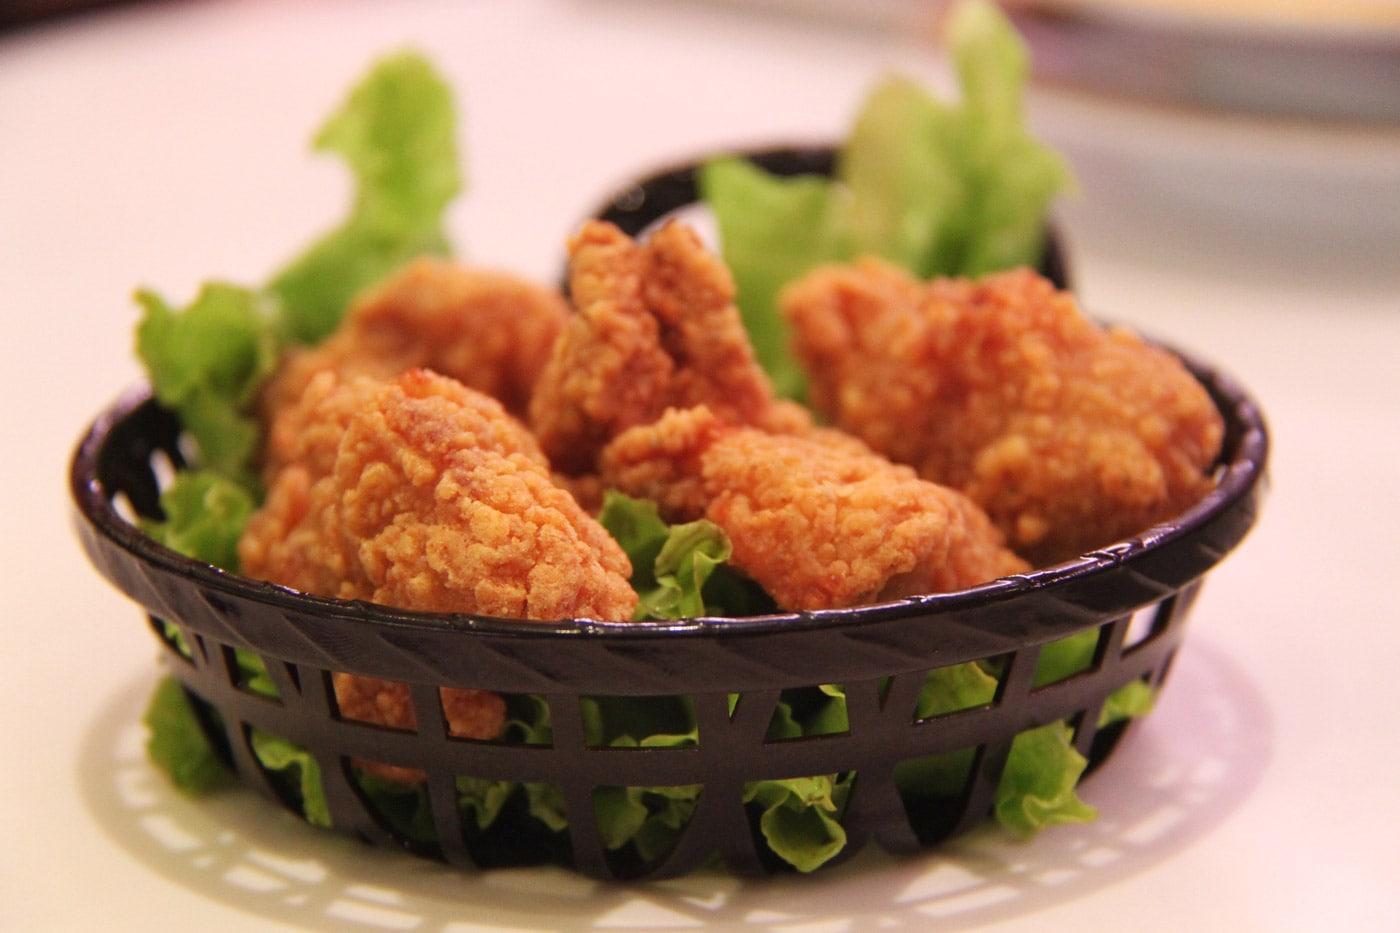 کلاس آشپزی در قرنطینه خانگی/ طرز تهیه چند غذای جدید با مرغ